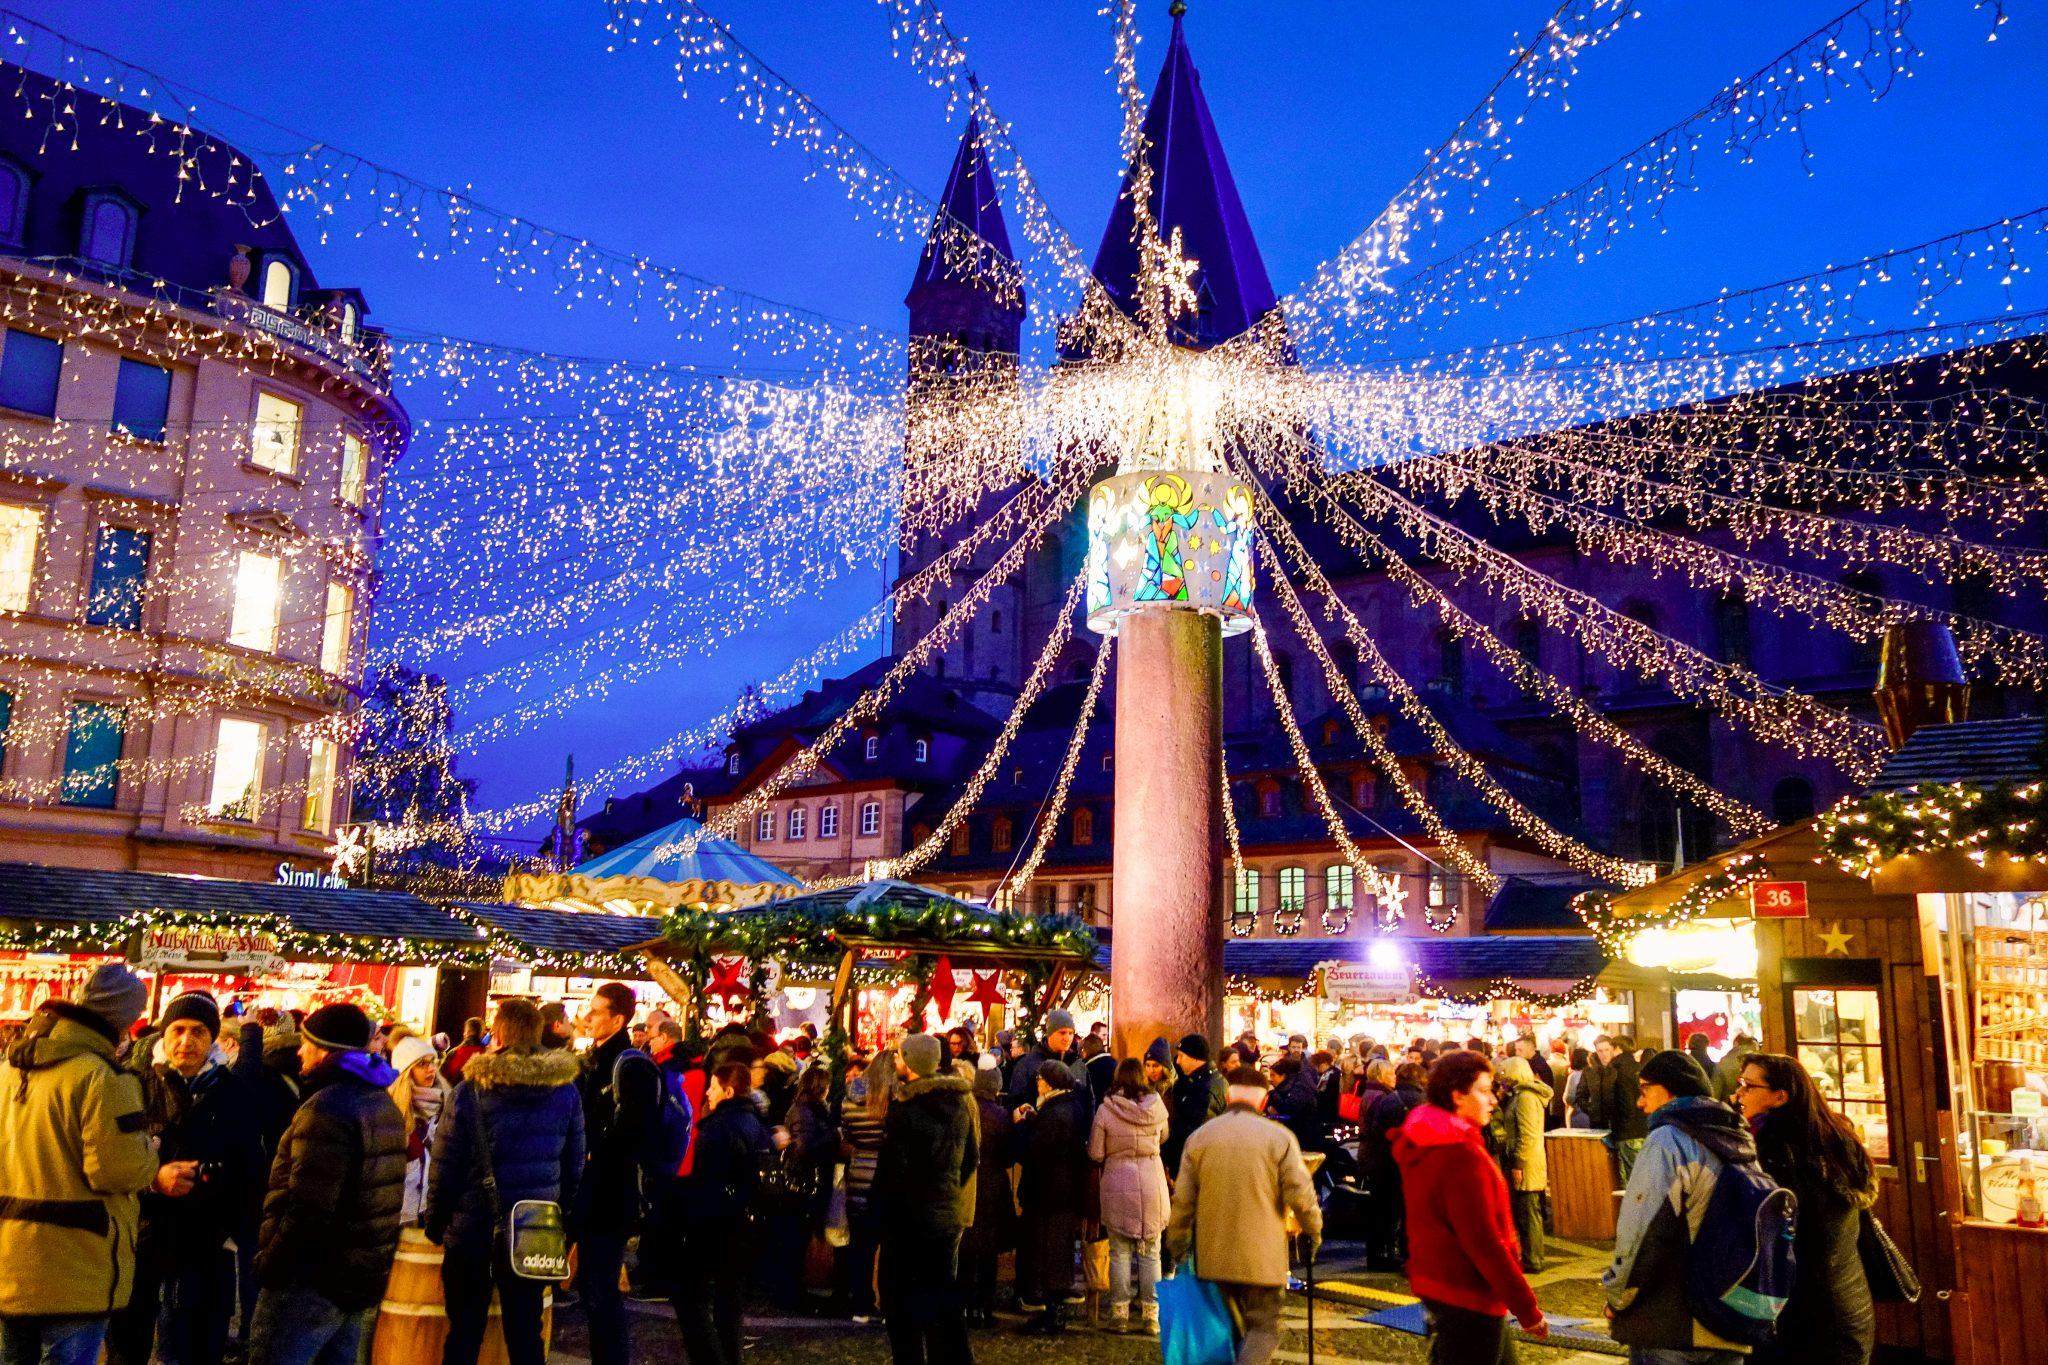 Mainzer Weihnachtsmarkt: Ein großes Highlight des Marktes ist für mich diese Beleuchtung!